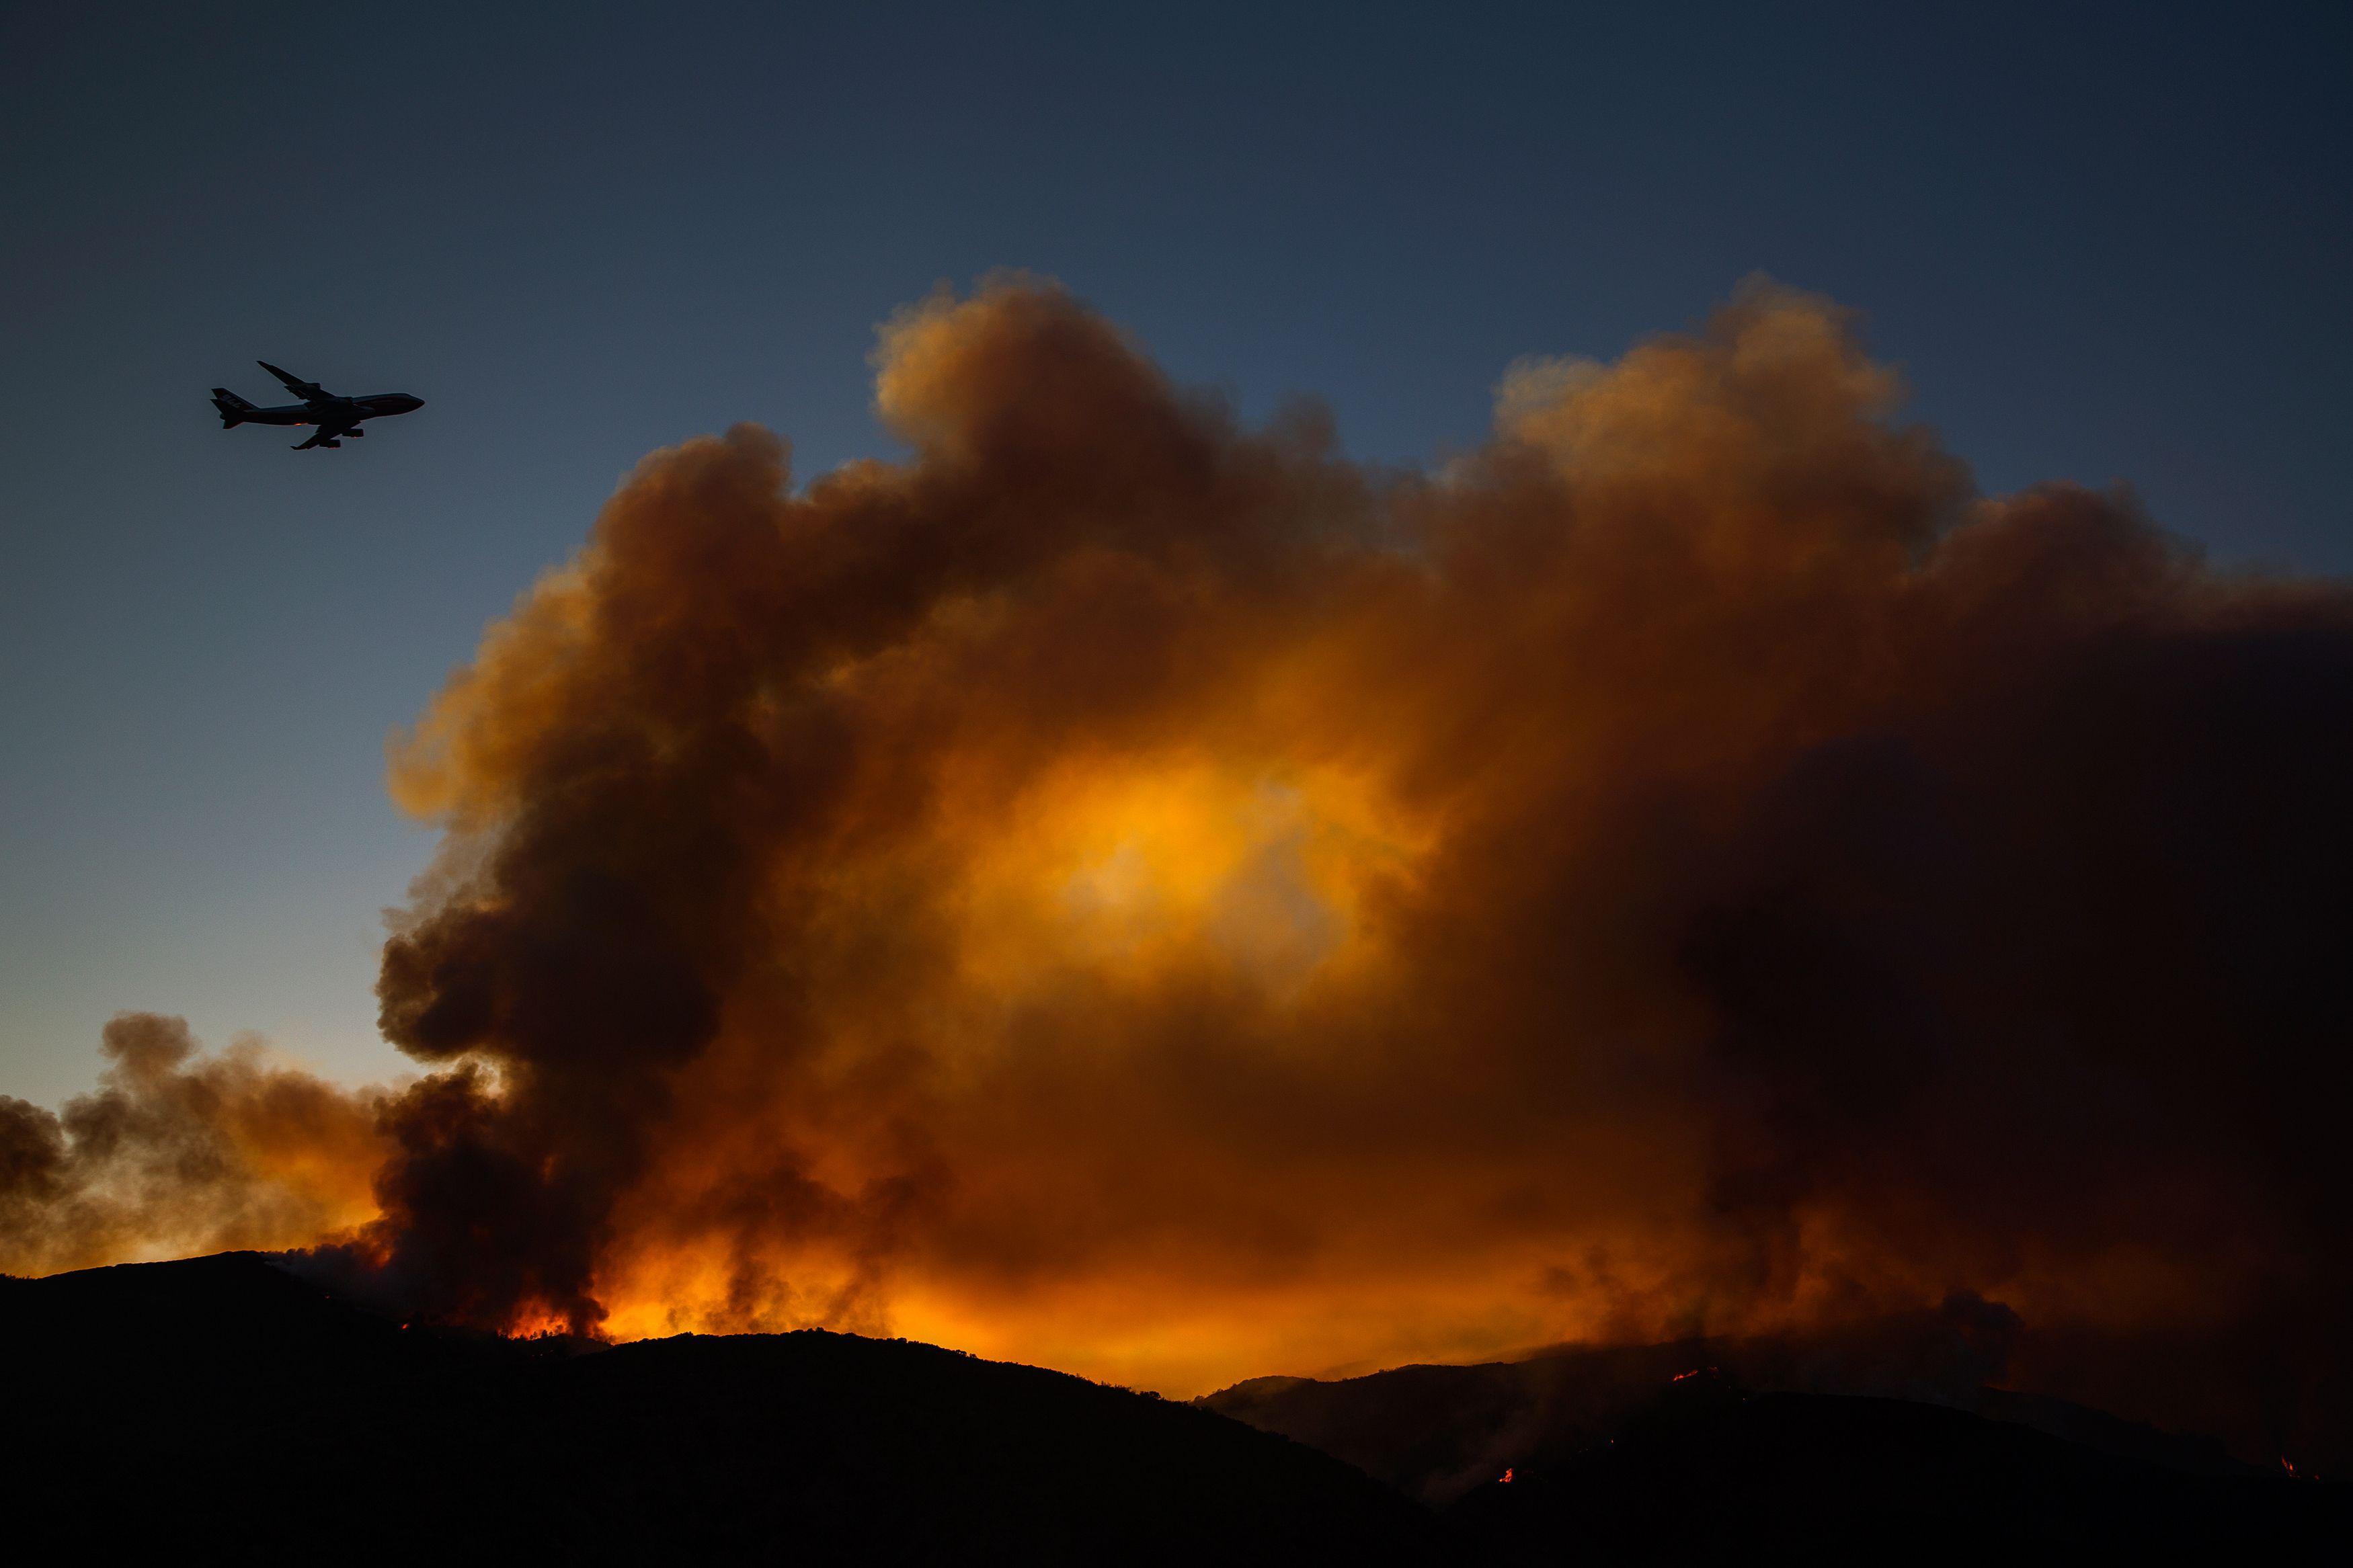 النيران تتحدى طائرة إطفاء